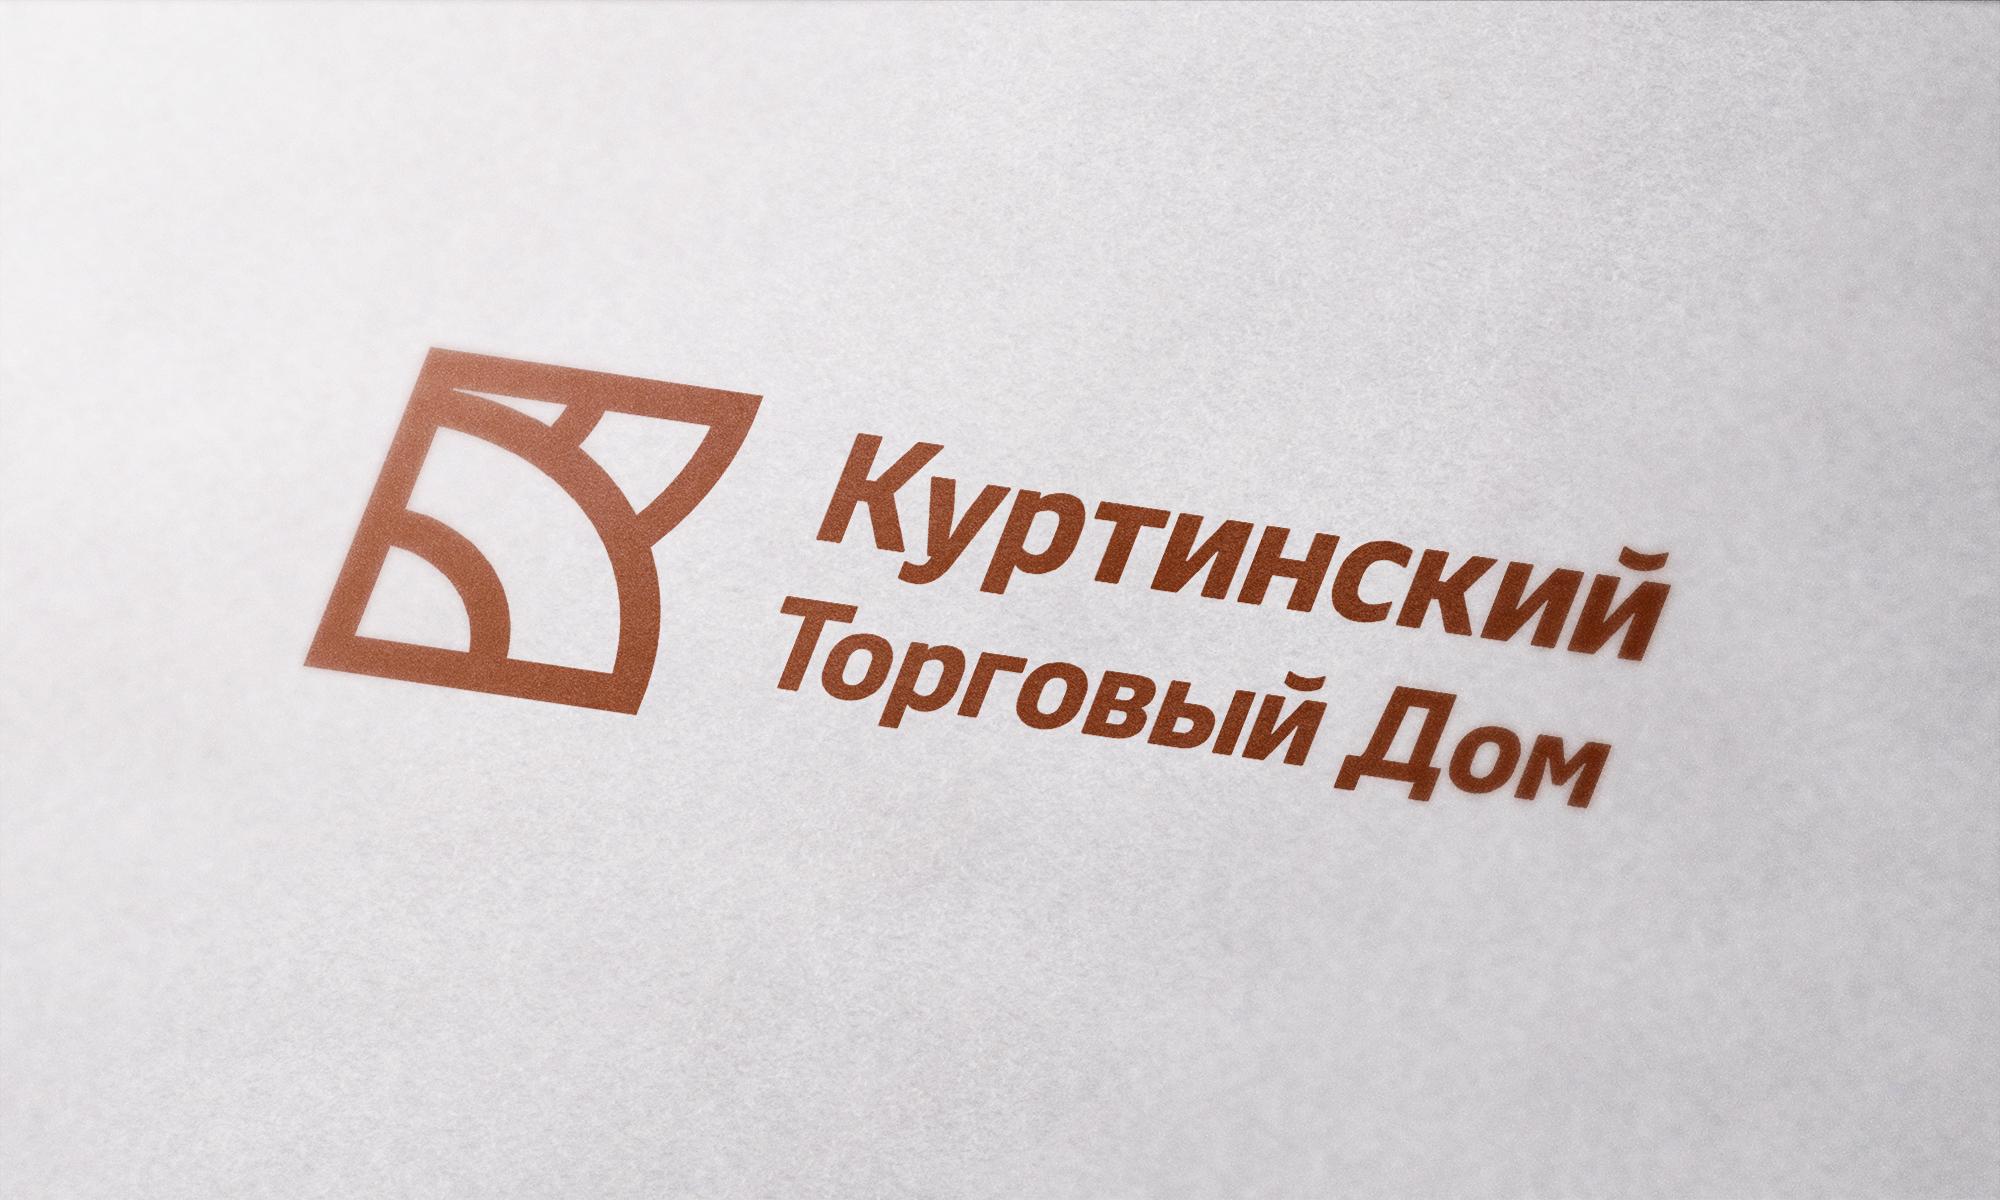 Логотип для камнедобывающей компании фото f_7485b9fb3e742edc.jpg